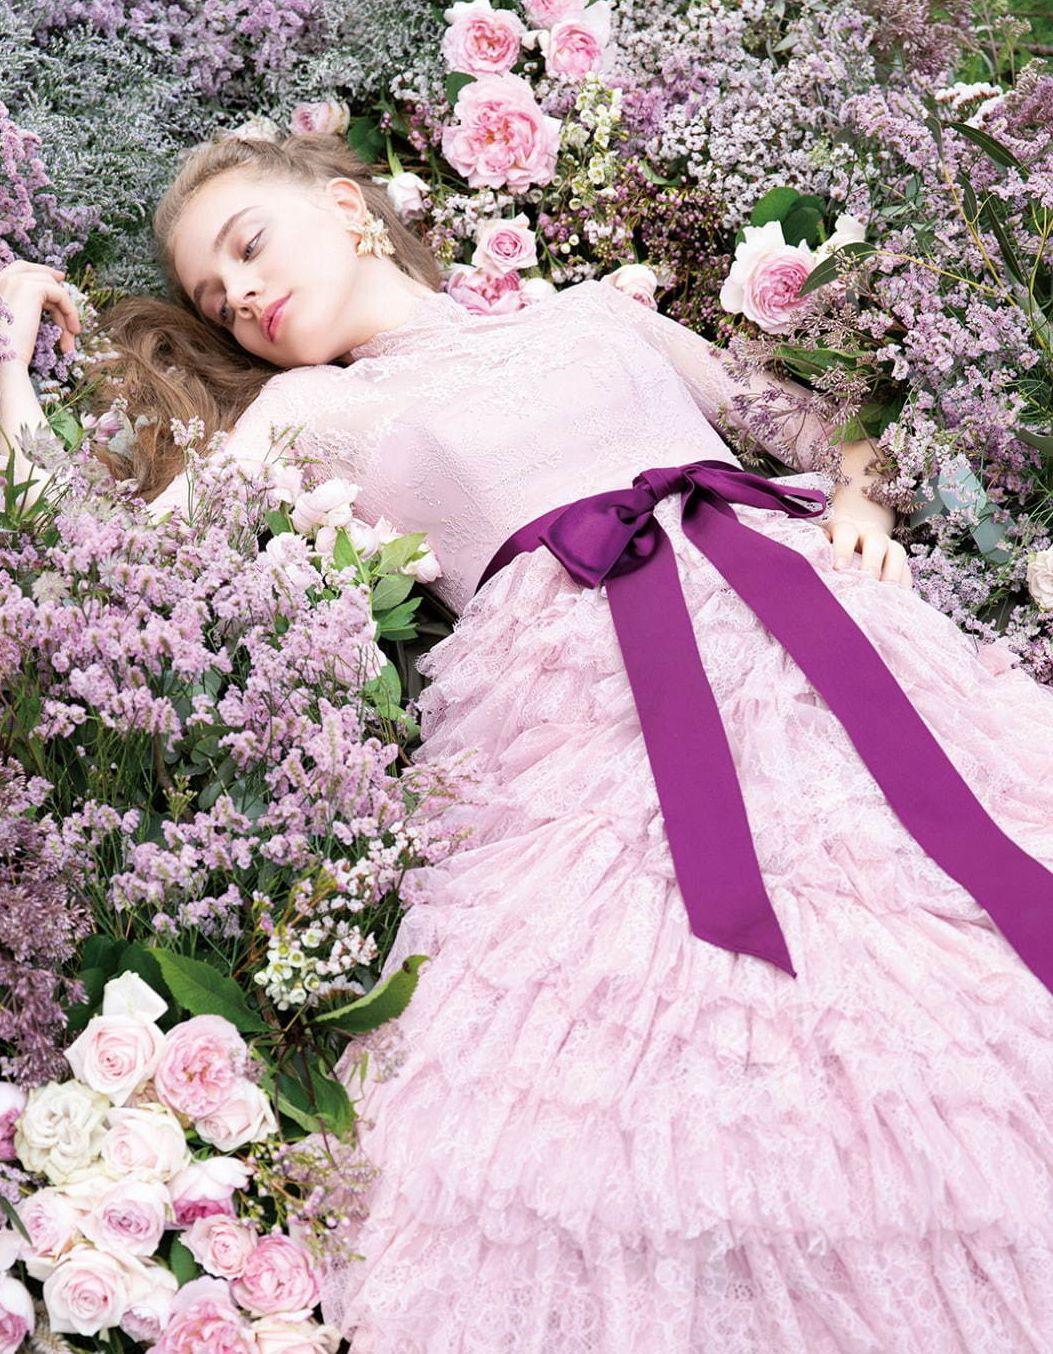 迪士尼公主婚纱美出新高度,玫瑰跑上贝儿黄礼服乐佩款被花朵覆盖